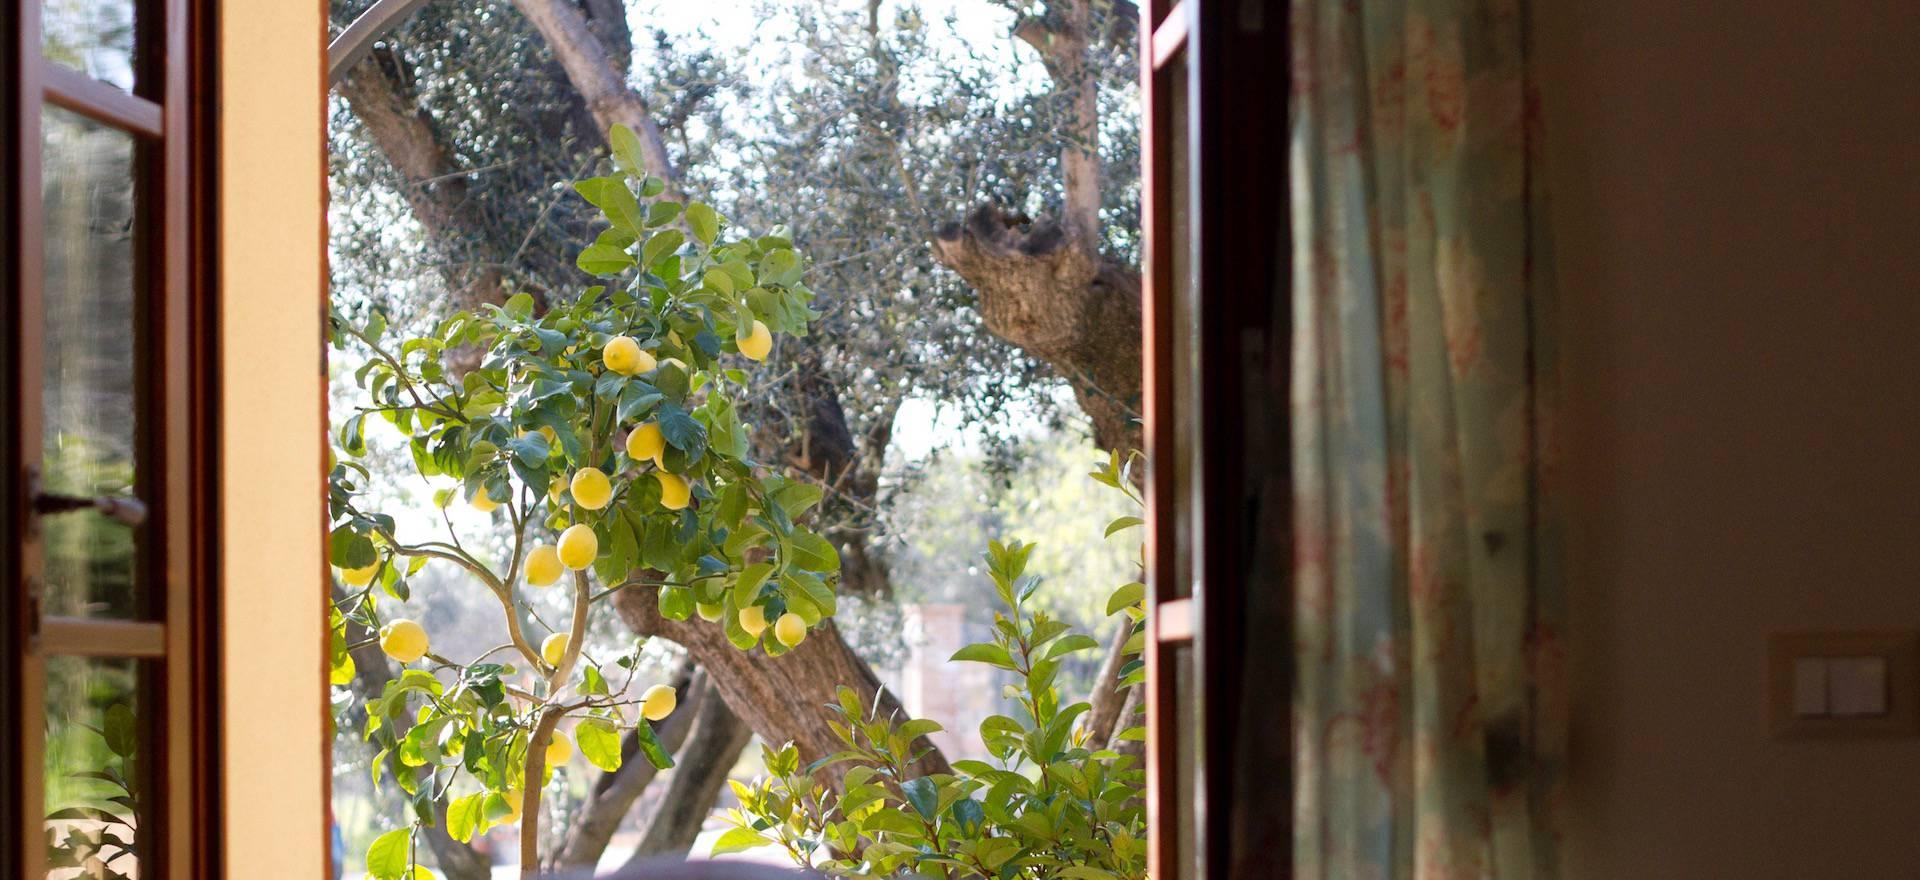 Agriturismo Toscane Agriturismo in olijfgaard nabij de Toscaanse kust